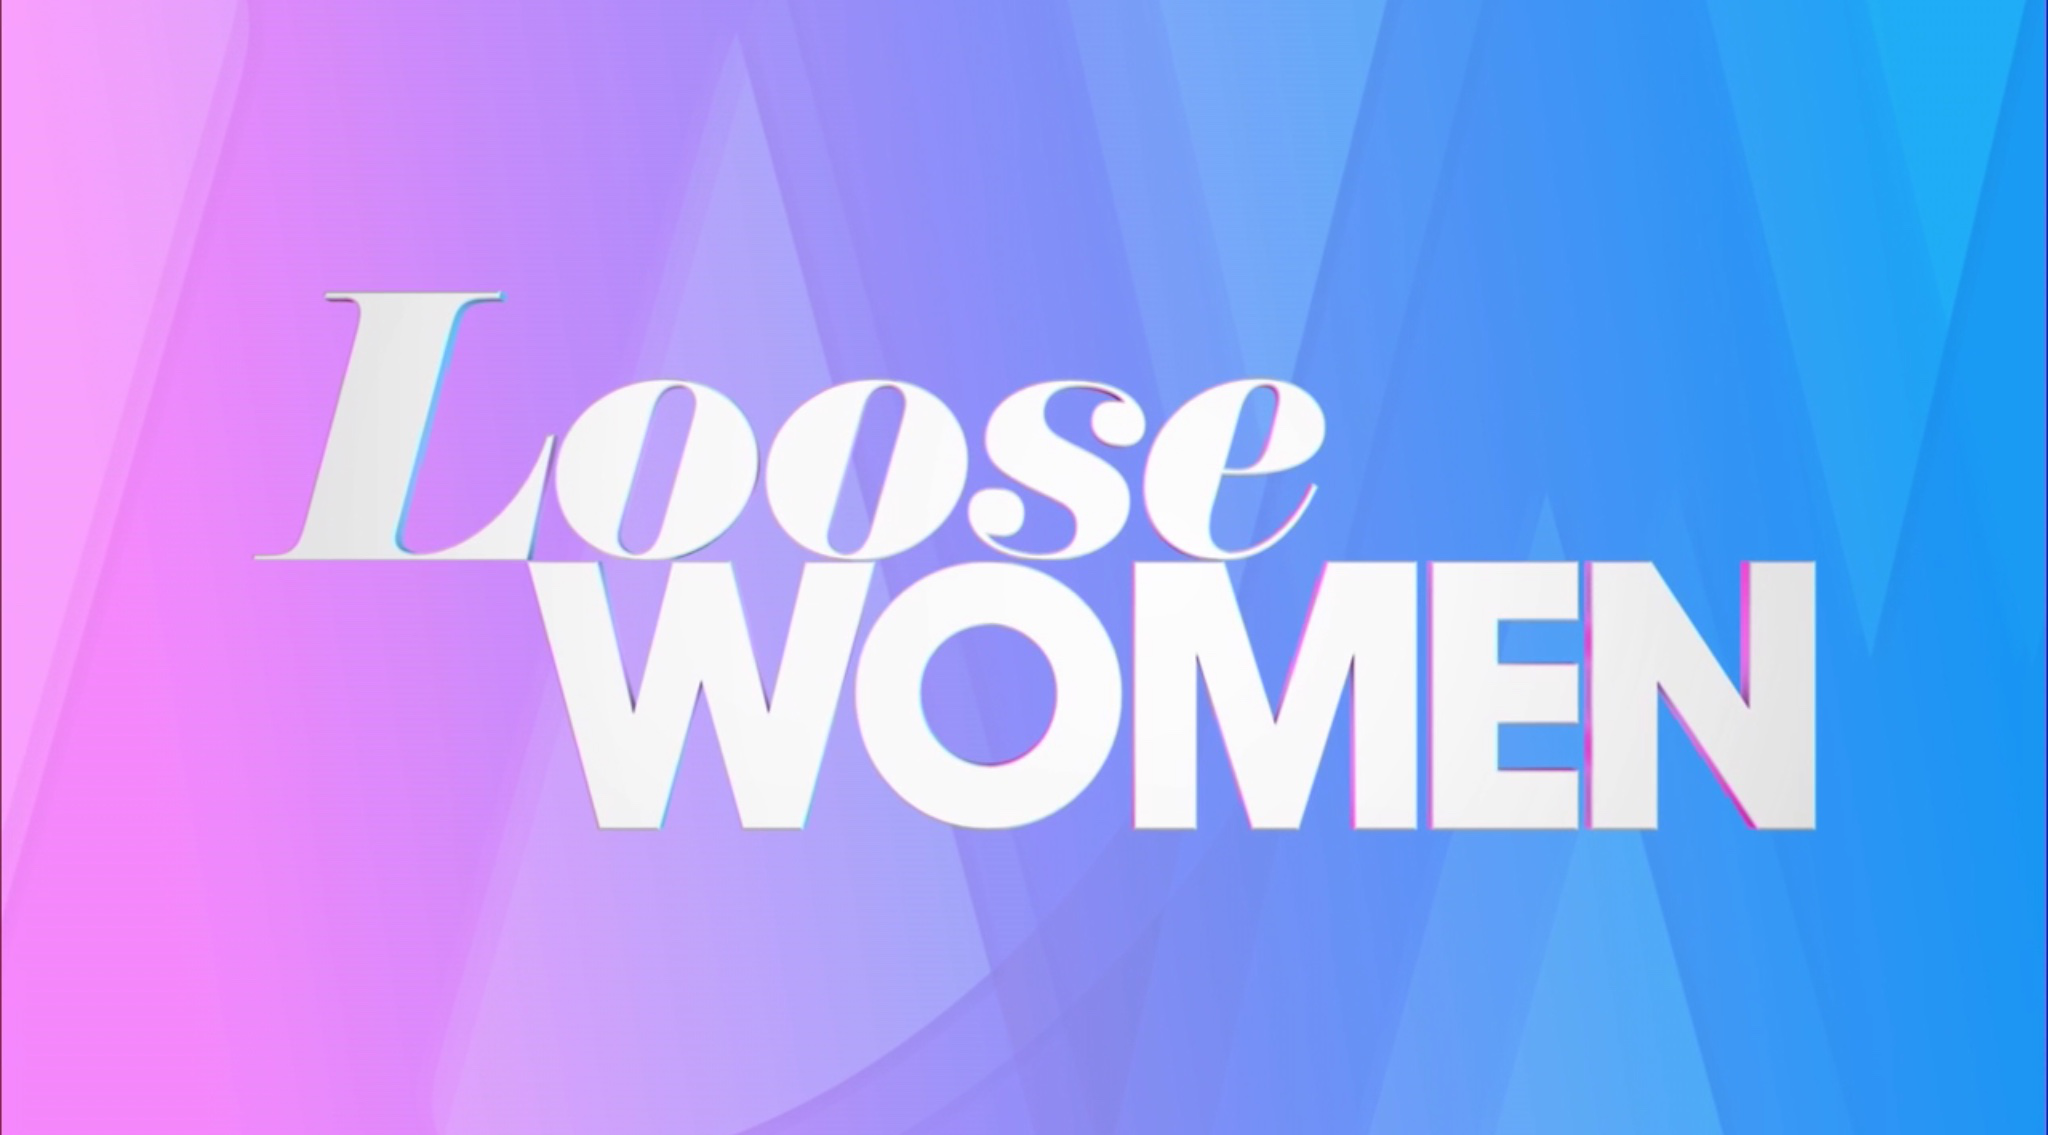 Loose Women - Wikipedia